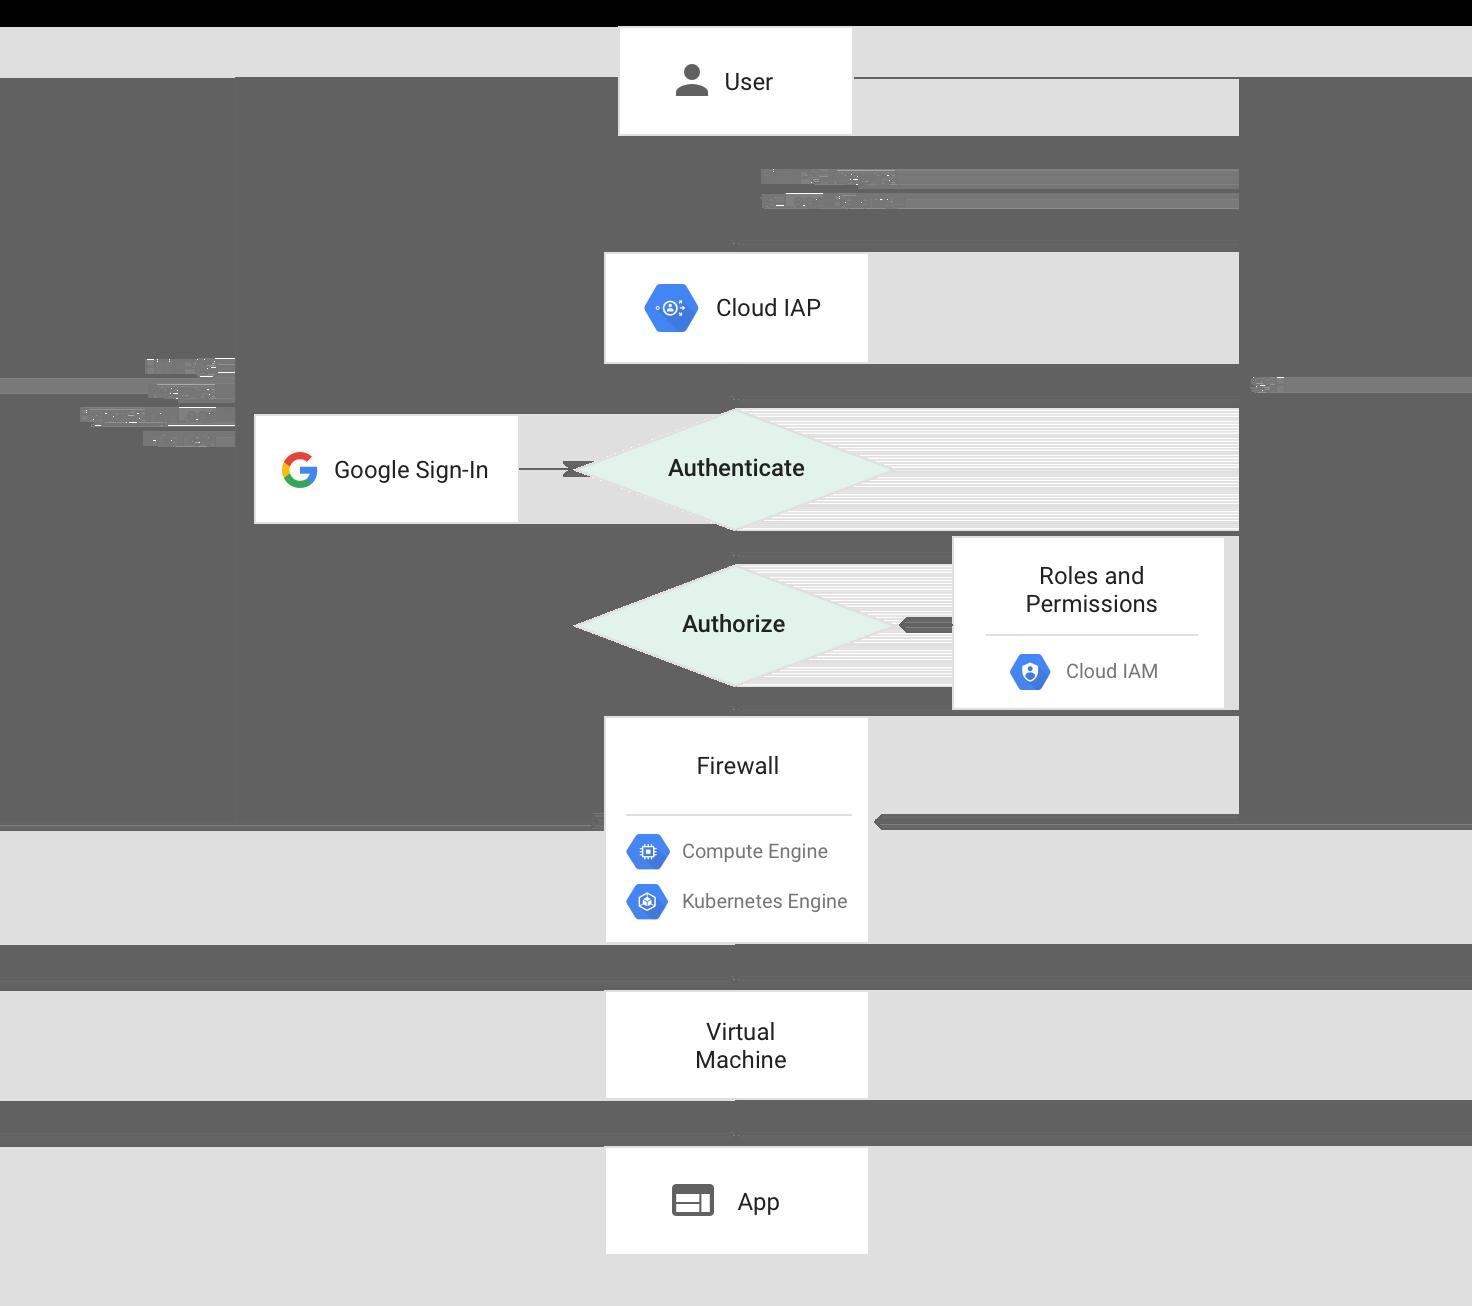 diagrama de flujo de una solicitud para ComputeEngine y KubernetesEngine cuando se usa CloudIAP